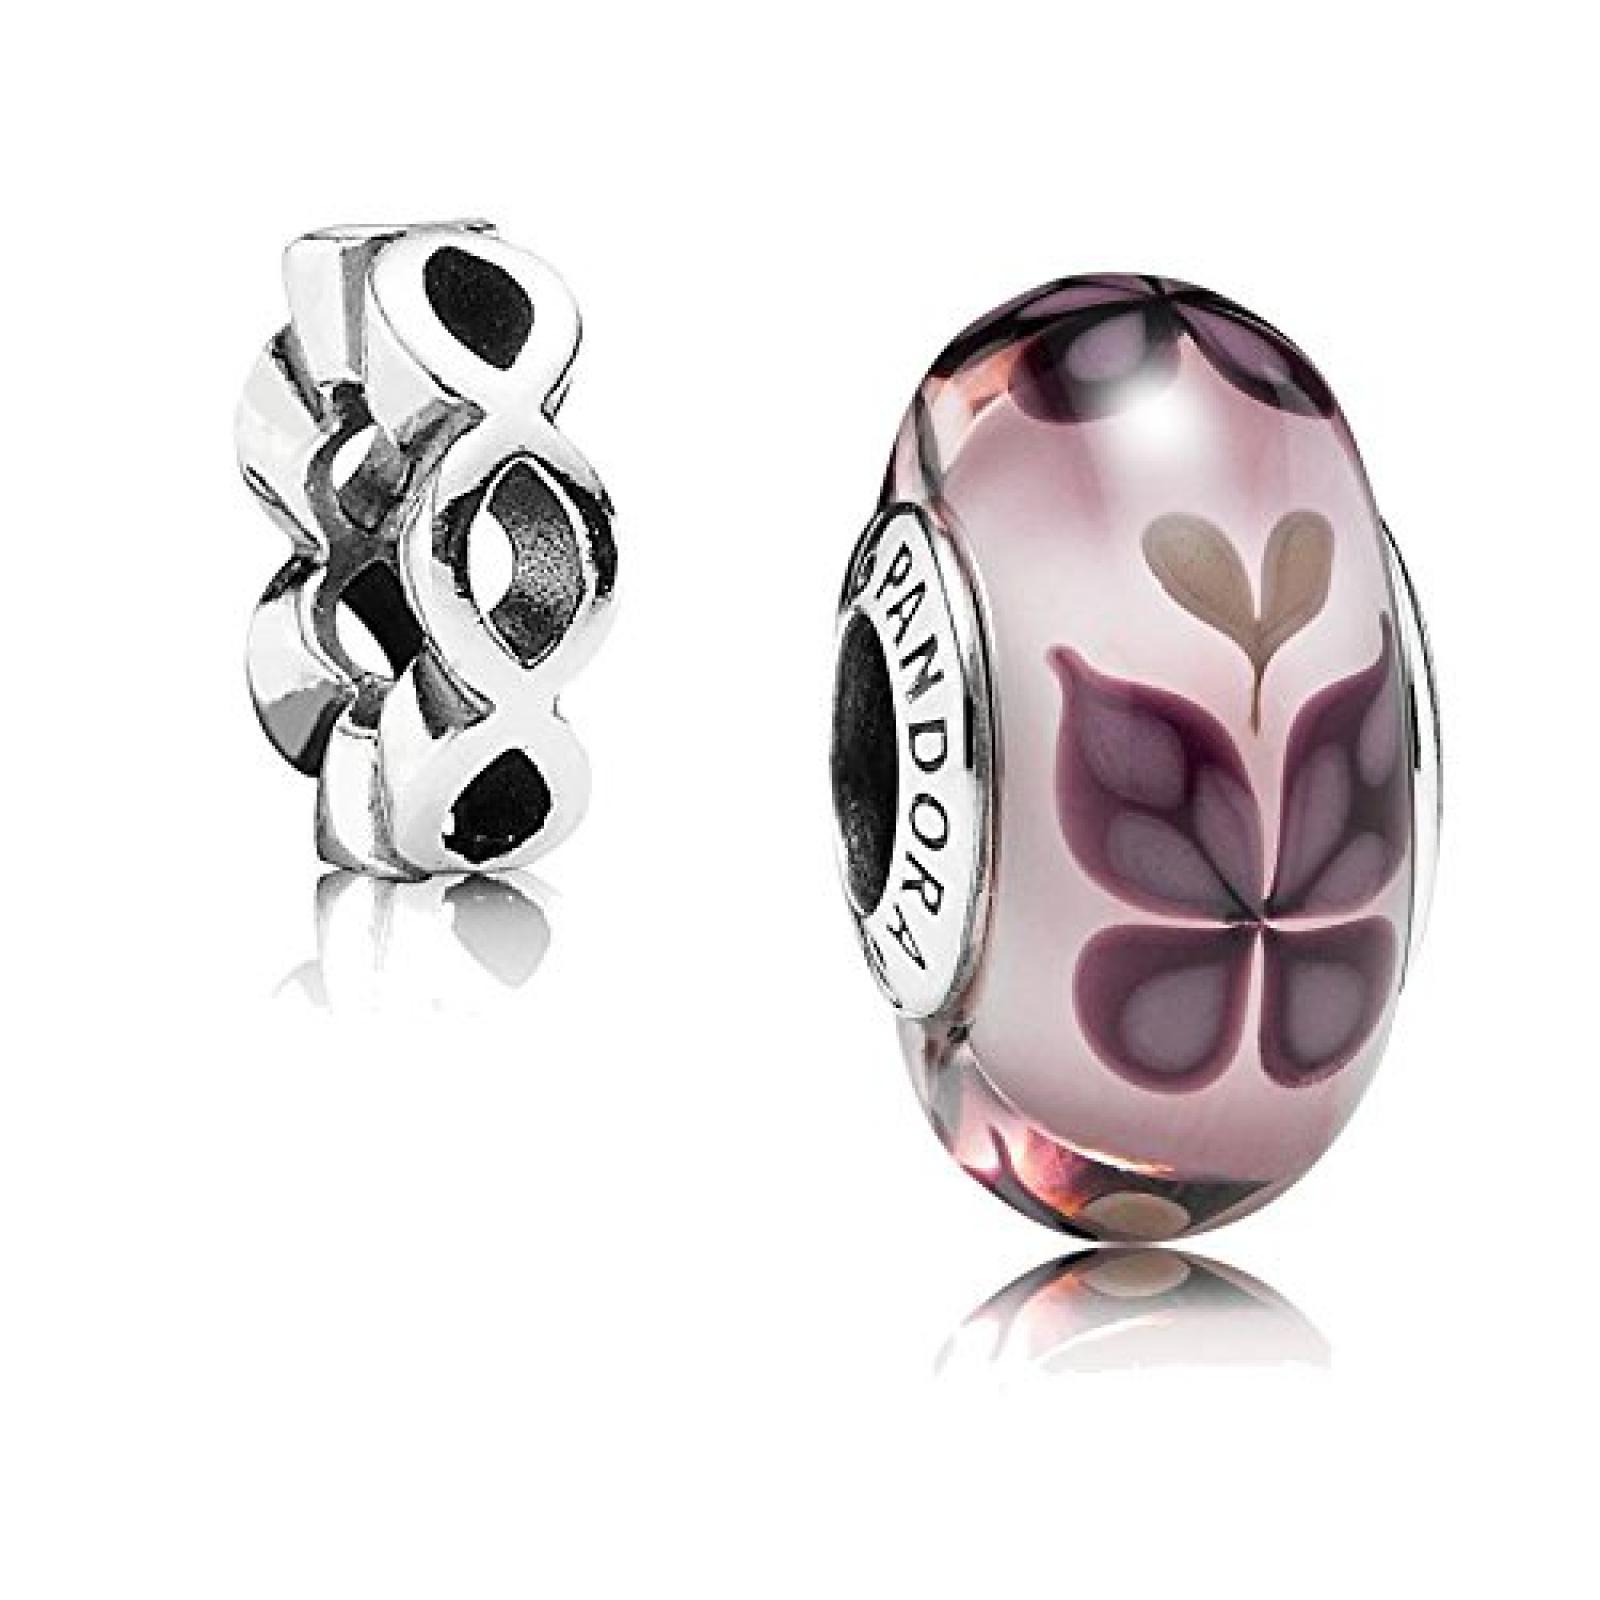 Original Pandora Geschenkset - 1 Silber Muranoglas Element Rosa Schmetterling 791621 und 1 Silber Zwischenelement Sonnenrad 790867